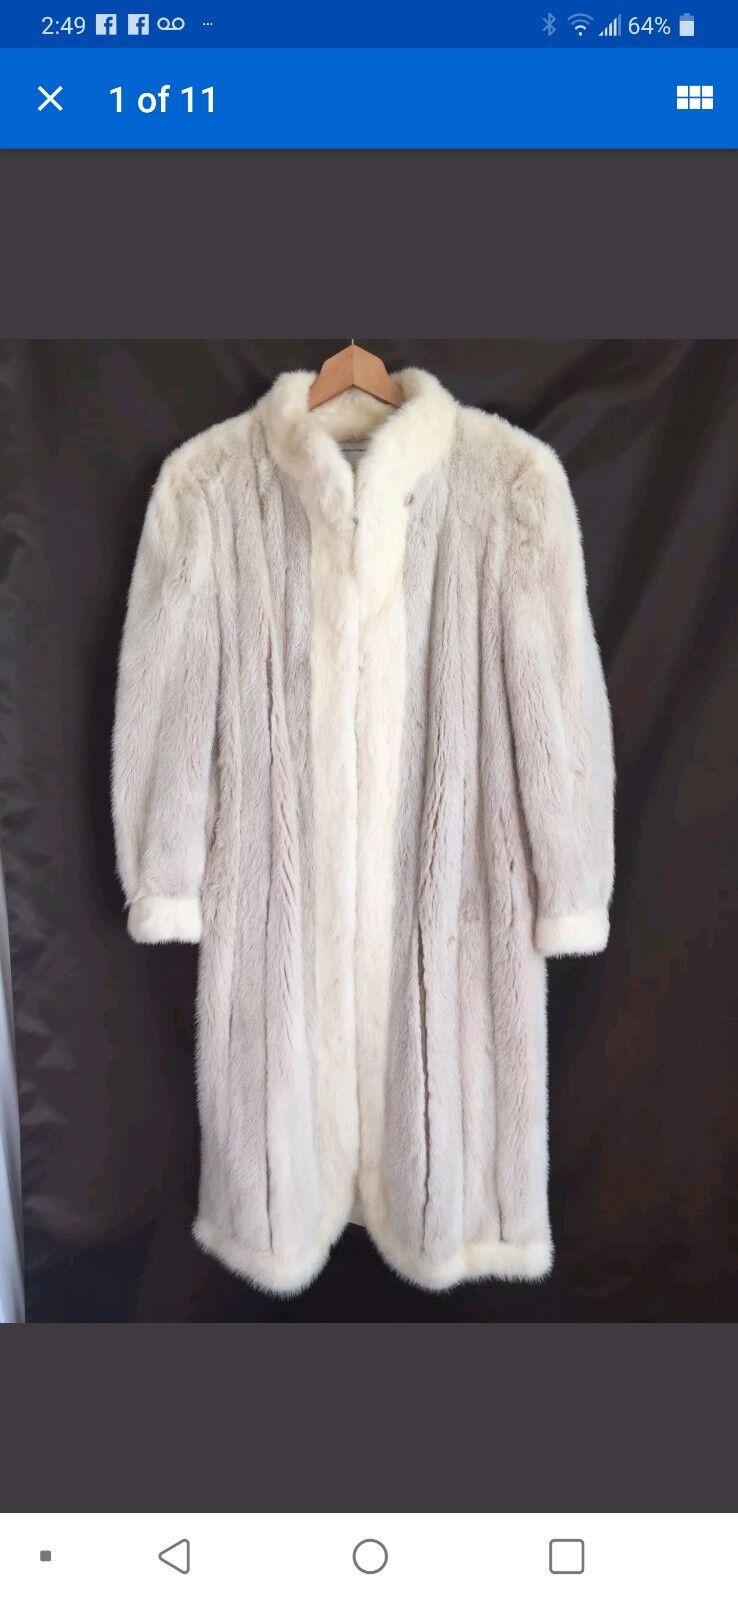 Woodward & Lothrup Ivory & White Long Mink Coat L